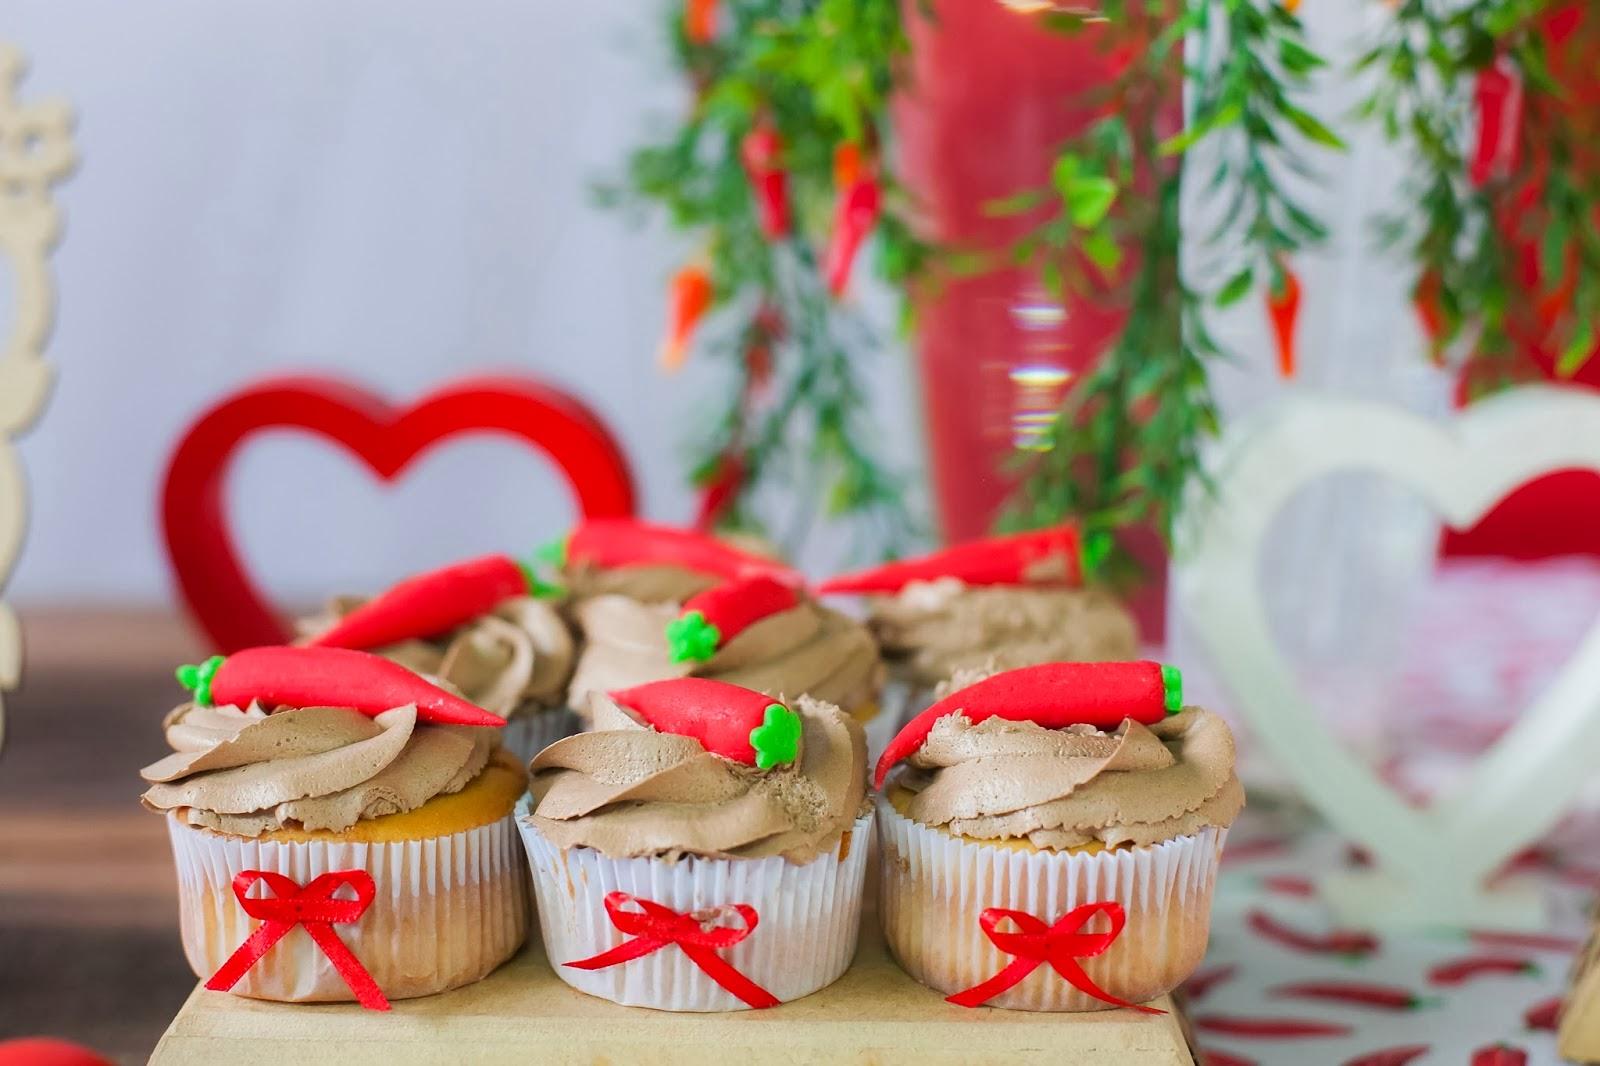 cha-lingerie-picante-tema-pimenta-cupcake